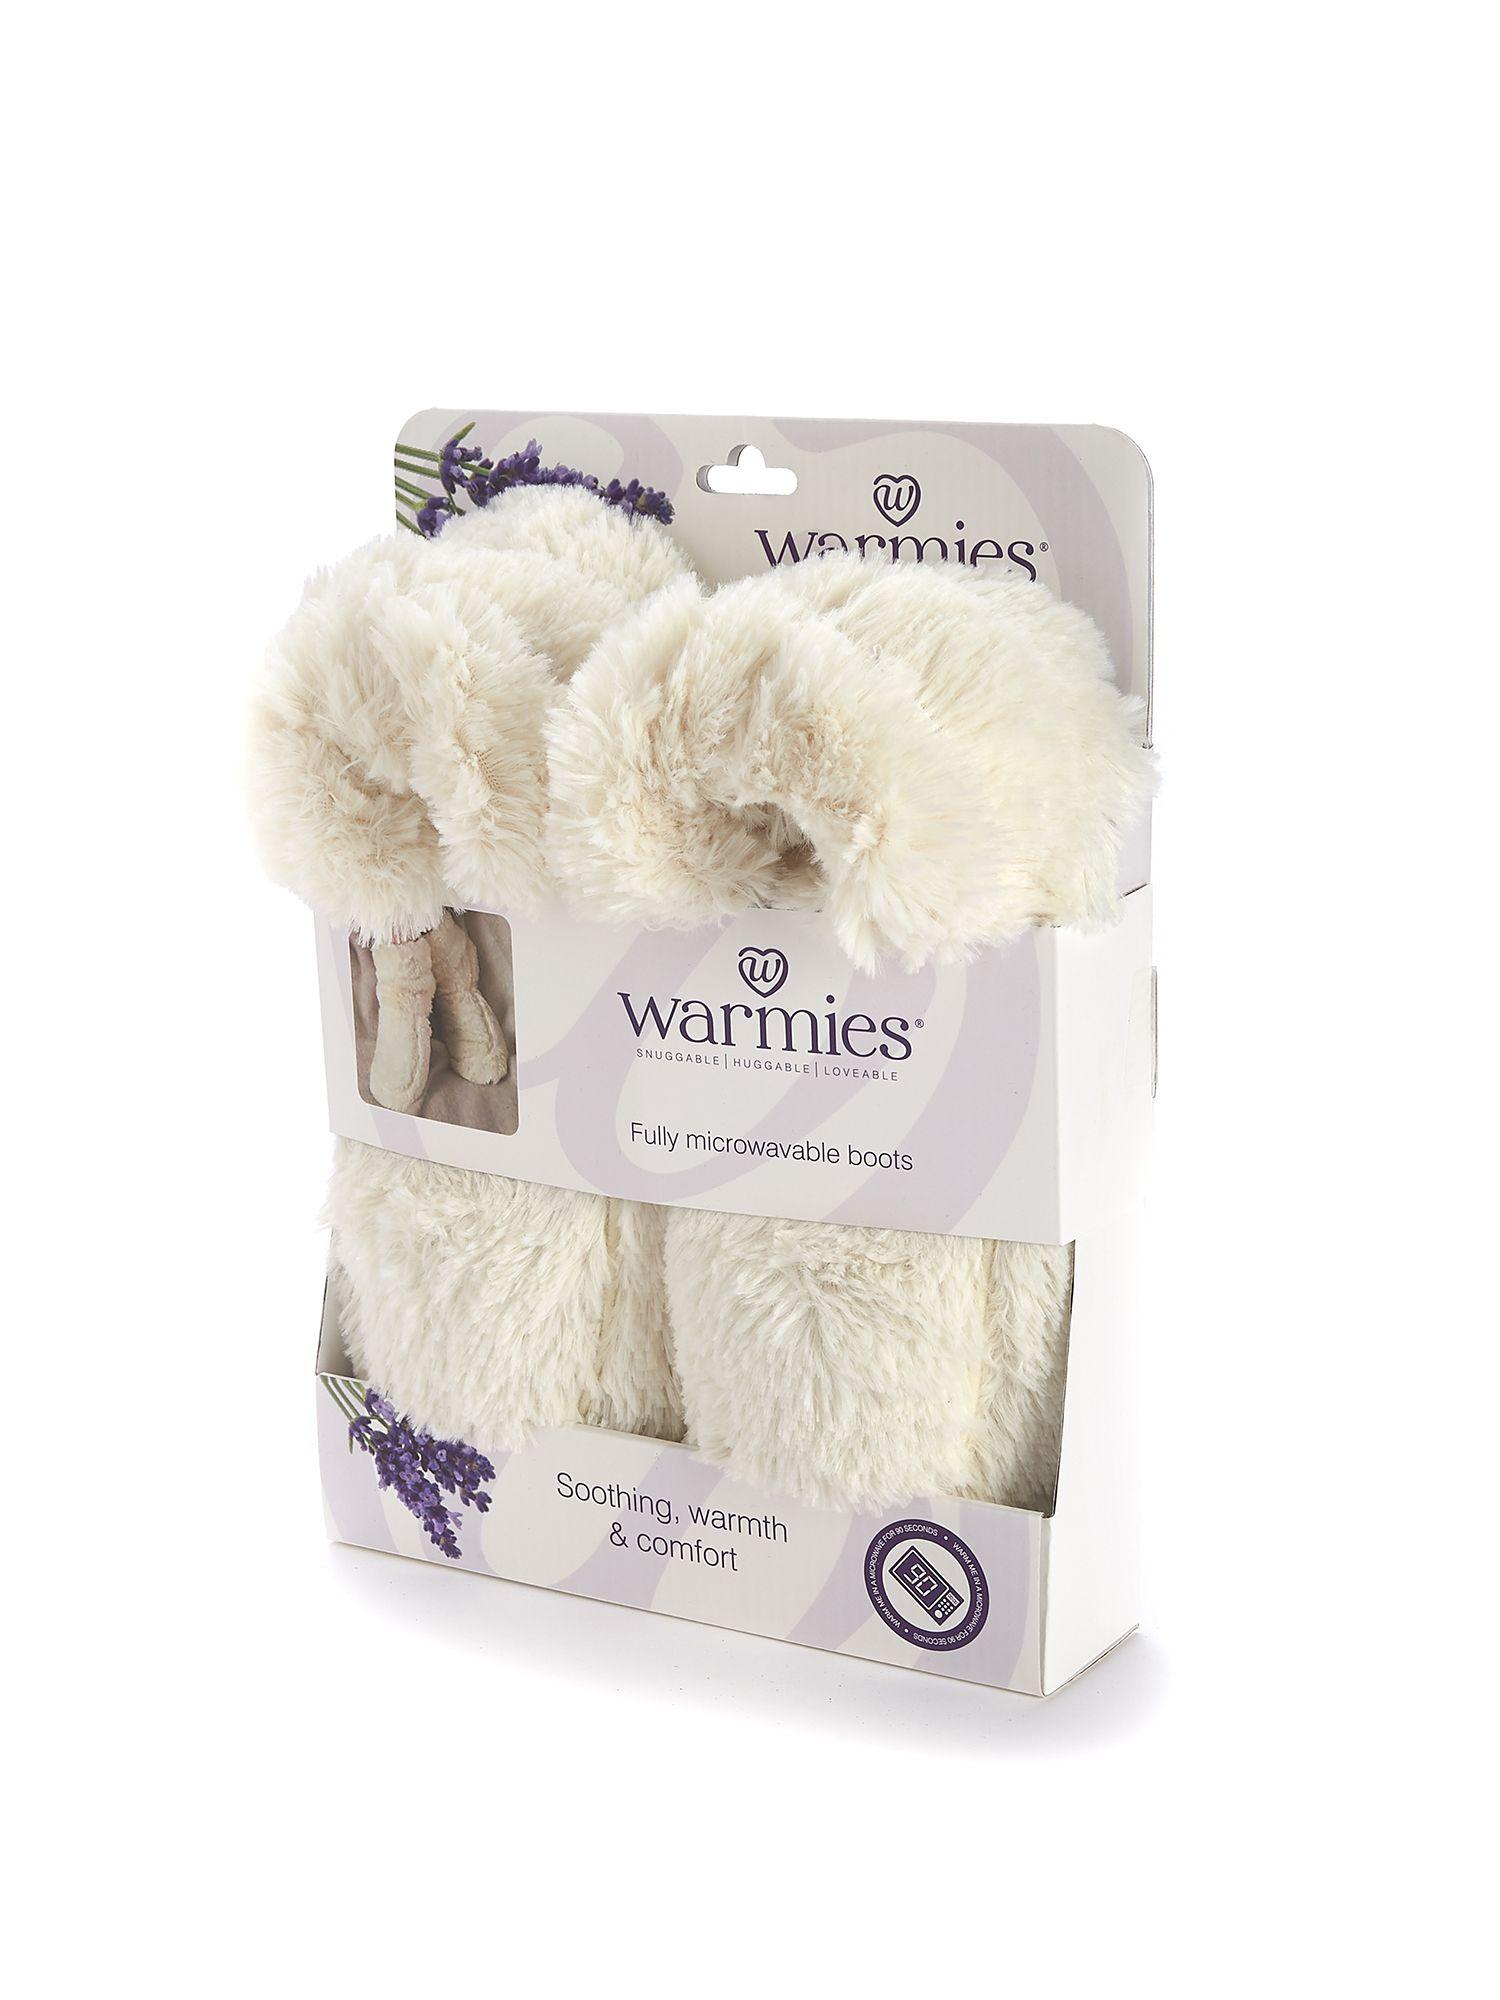 Пинкл (Pinkl) | Сапожки-грелки кремовые | Intelex Ltd Warmies Cozy Body Cream Boots